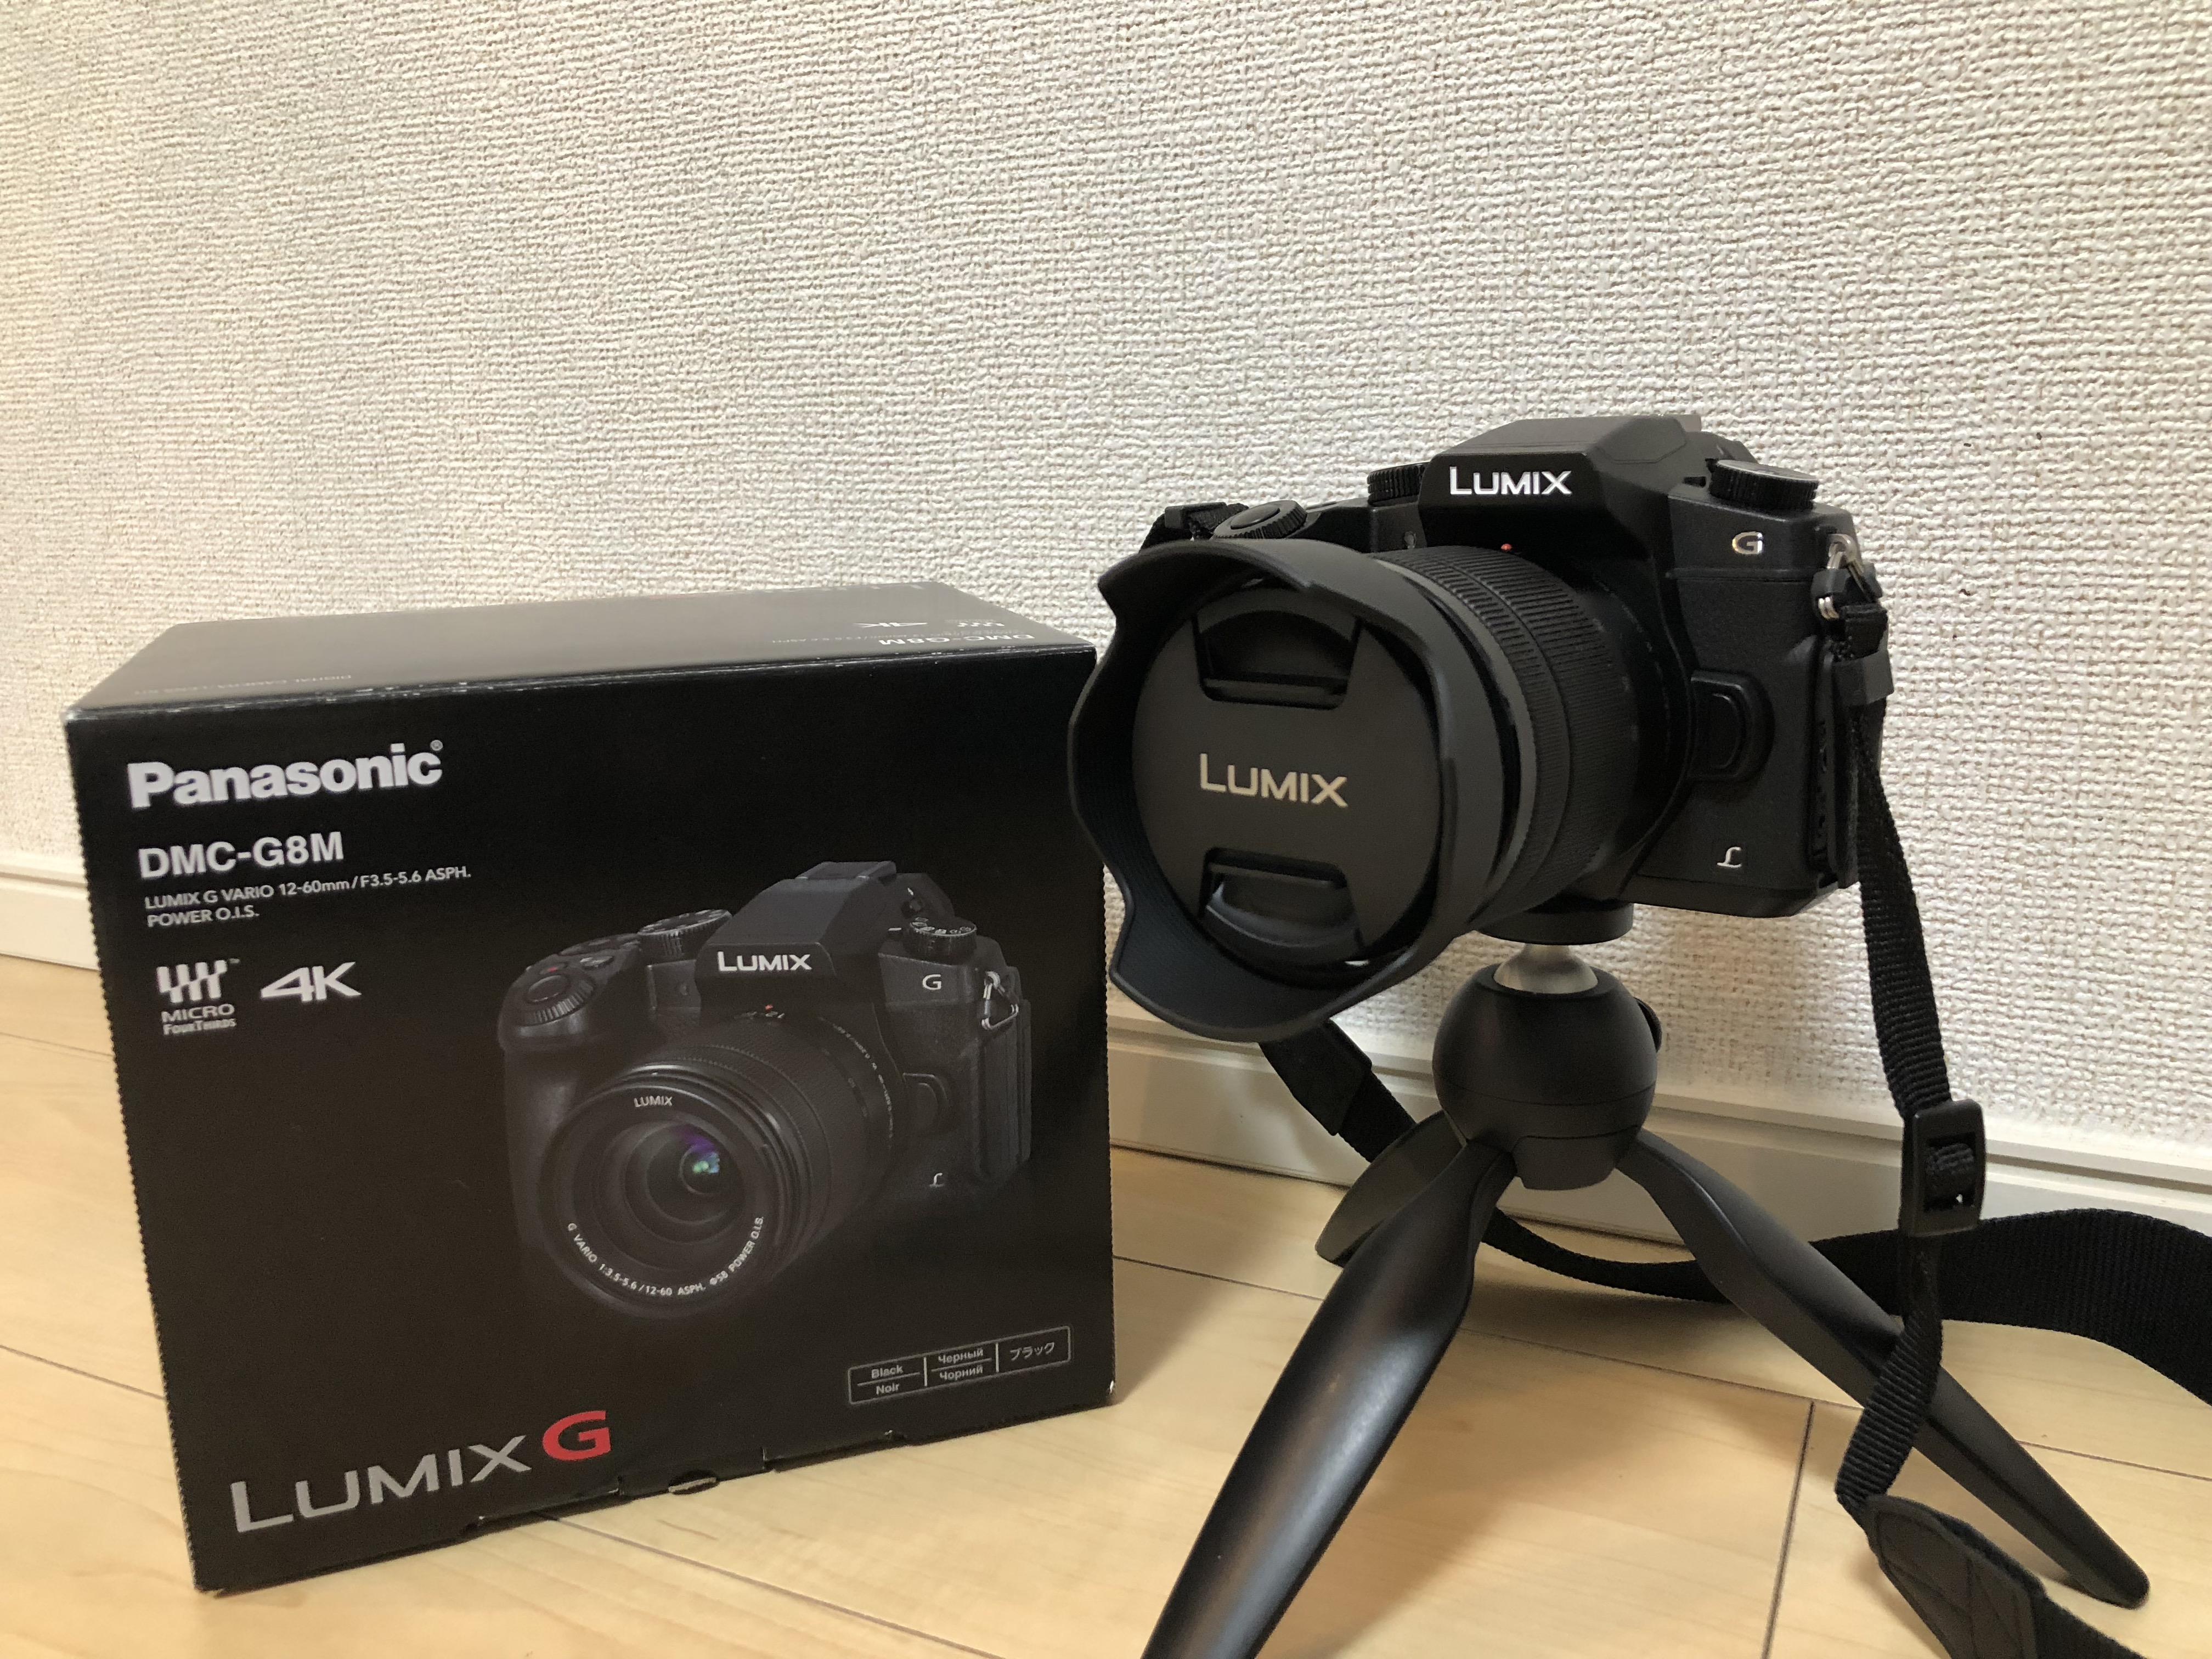 youtubeの撮影用にLUMIX G8を購入した理由